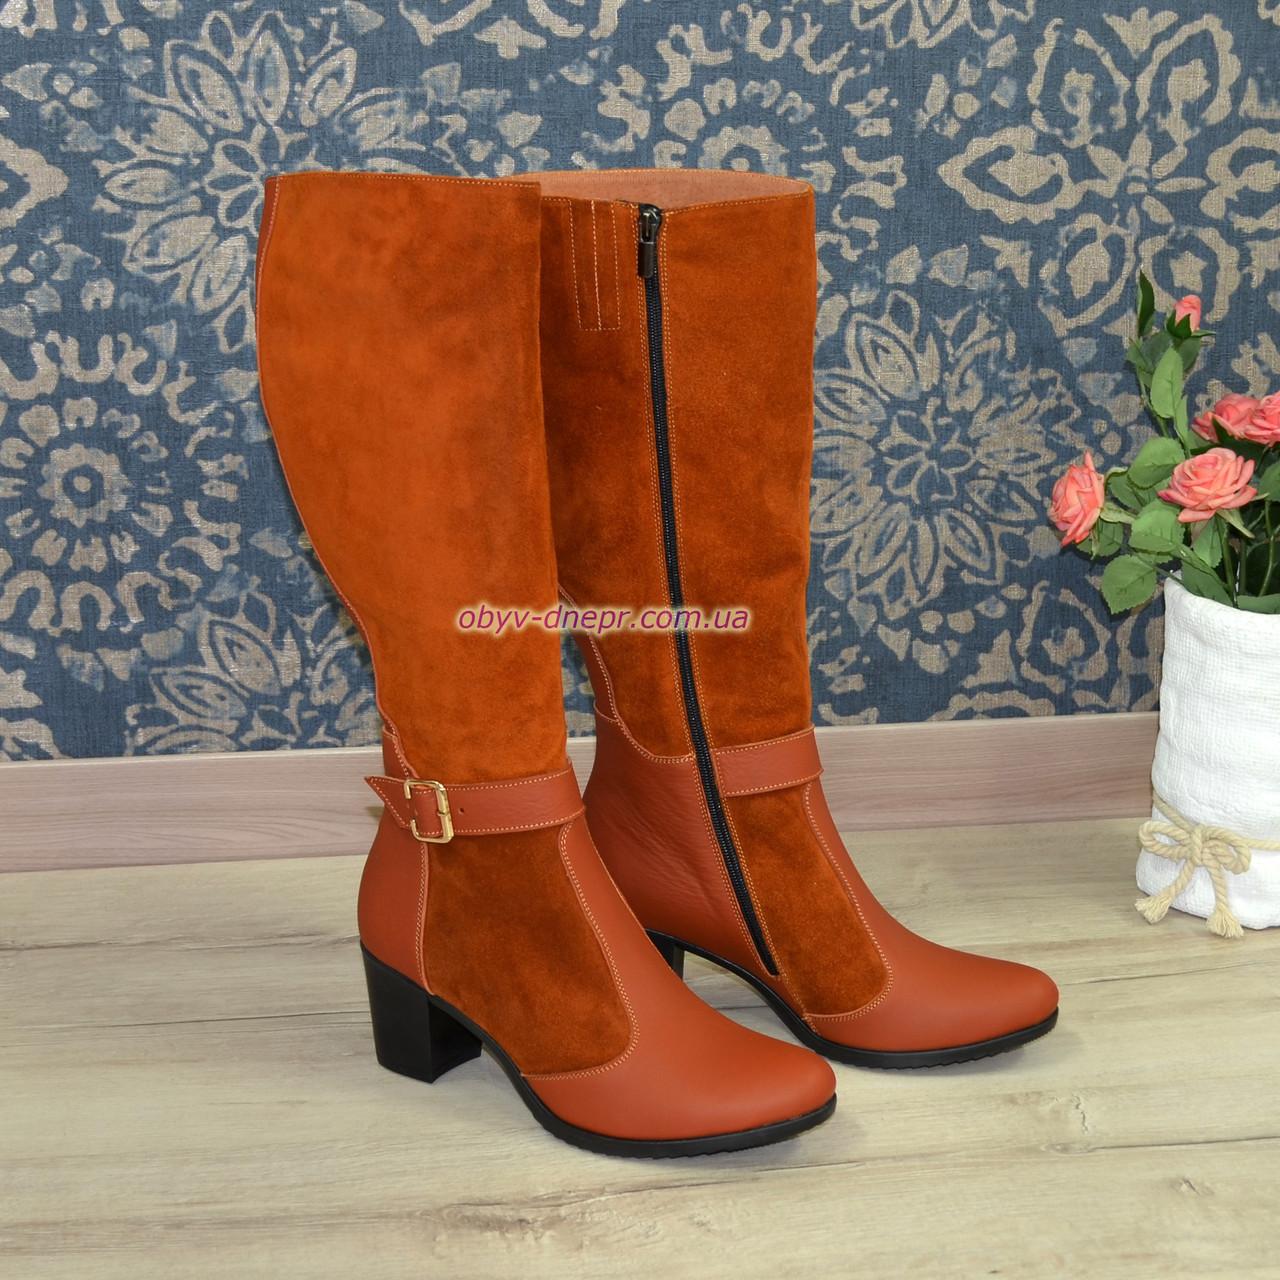 8a6ba07b9de3 Сапоги зимние женские на невысоком устойчивом каблуке, натуральная рыжая  кожа и замша. - Интернет